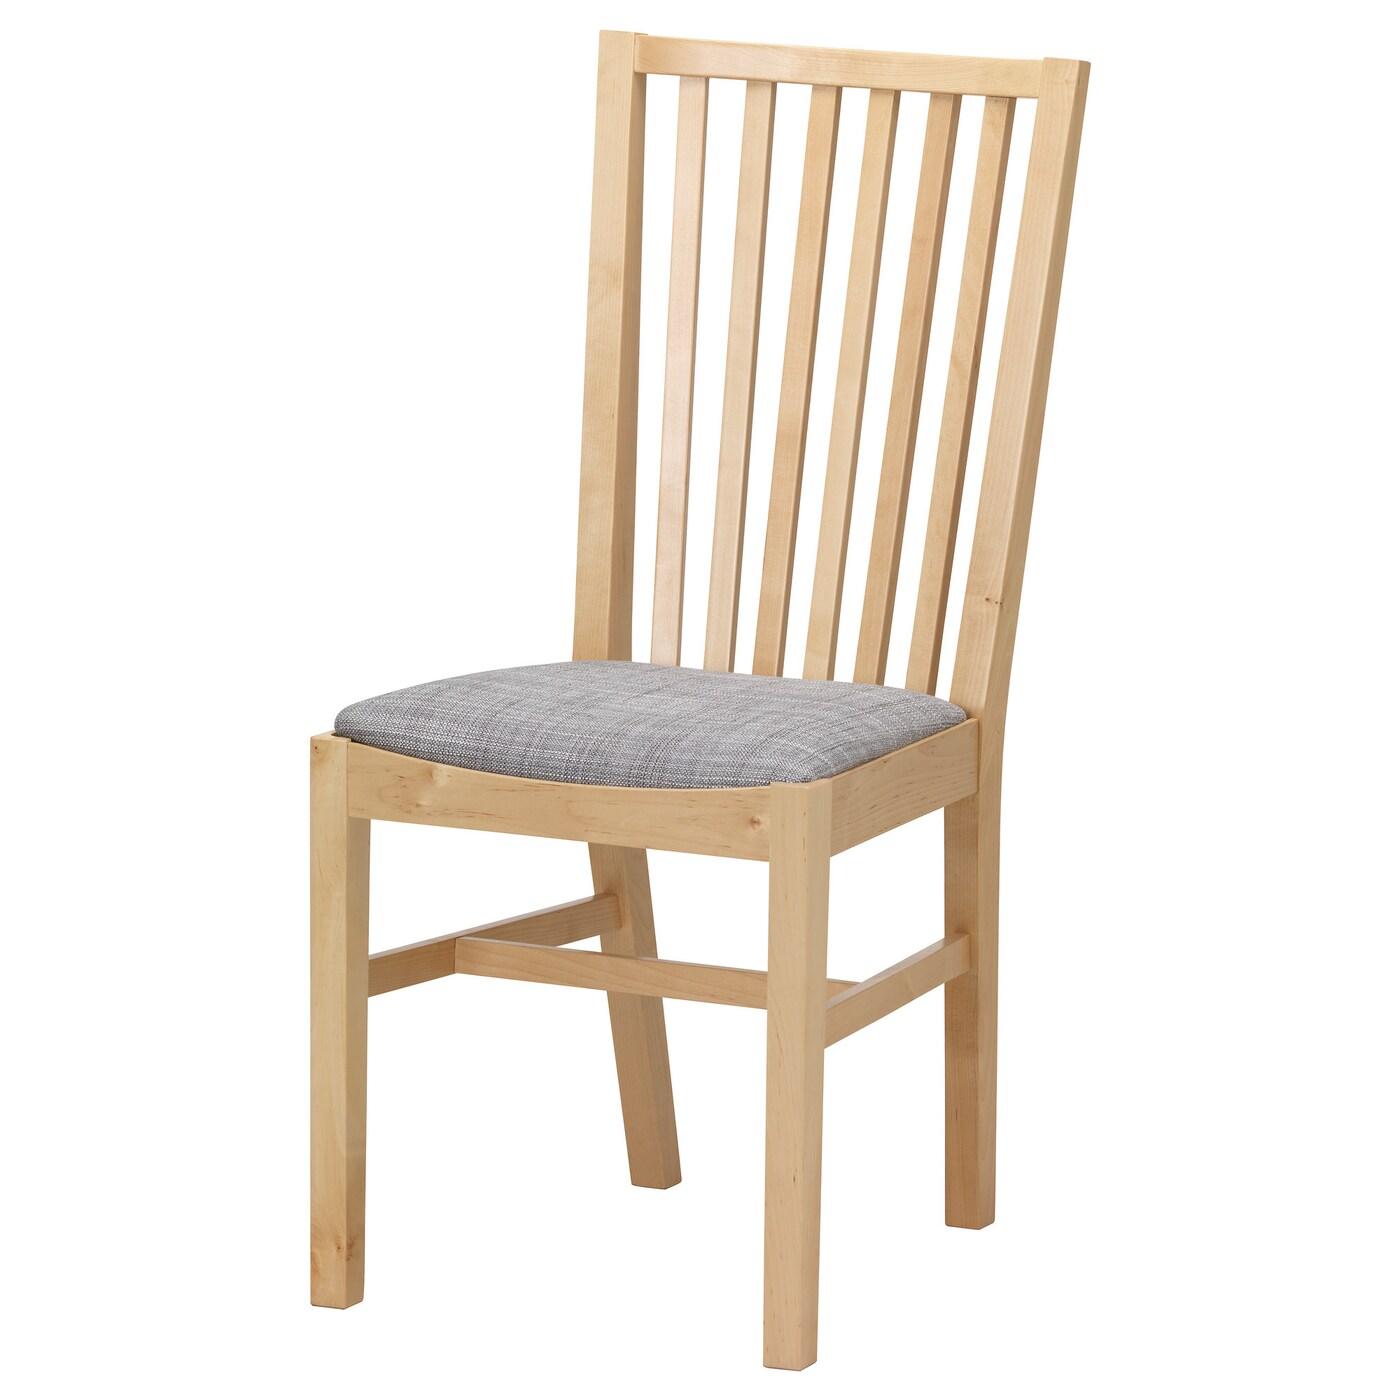 Norrn s chaise bouleau isunda gris ikea for Les 3 suisses chaises